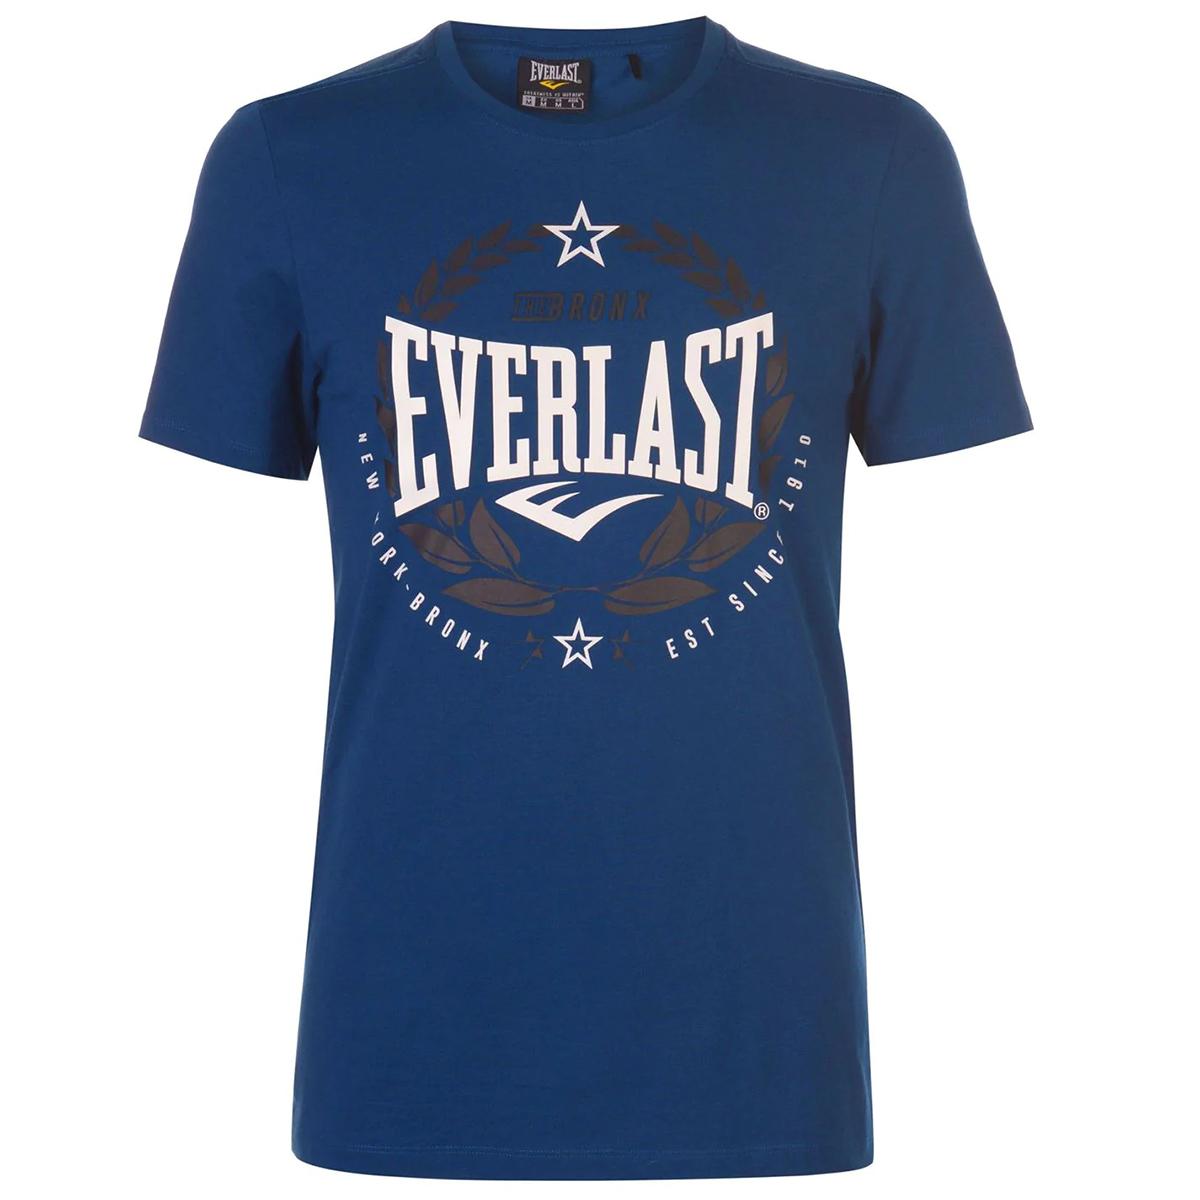 Everlast Men's Laurel Short-Sleeve Tee - Blue, XS